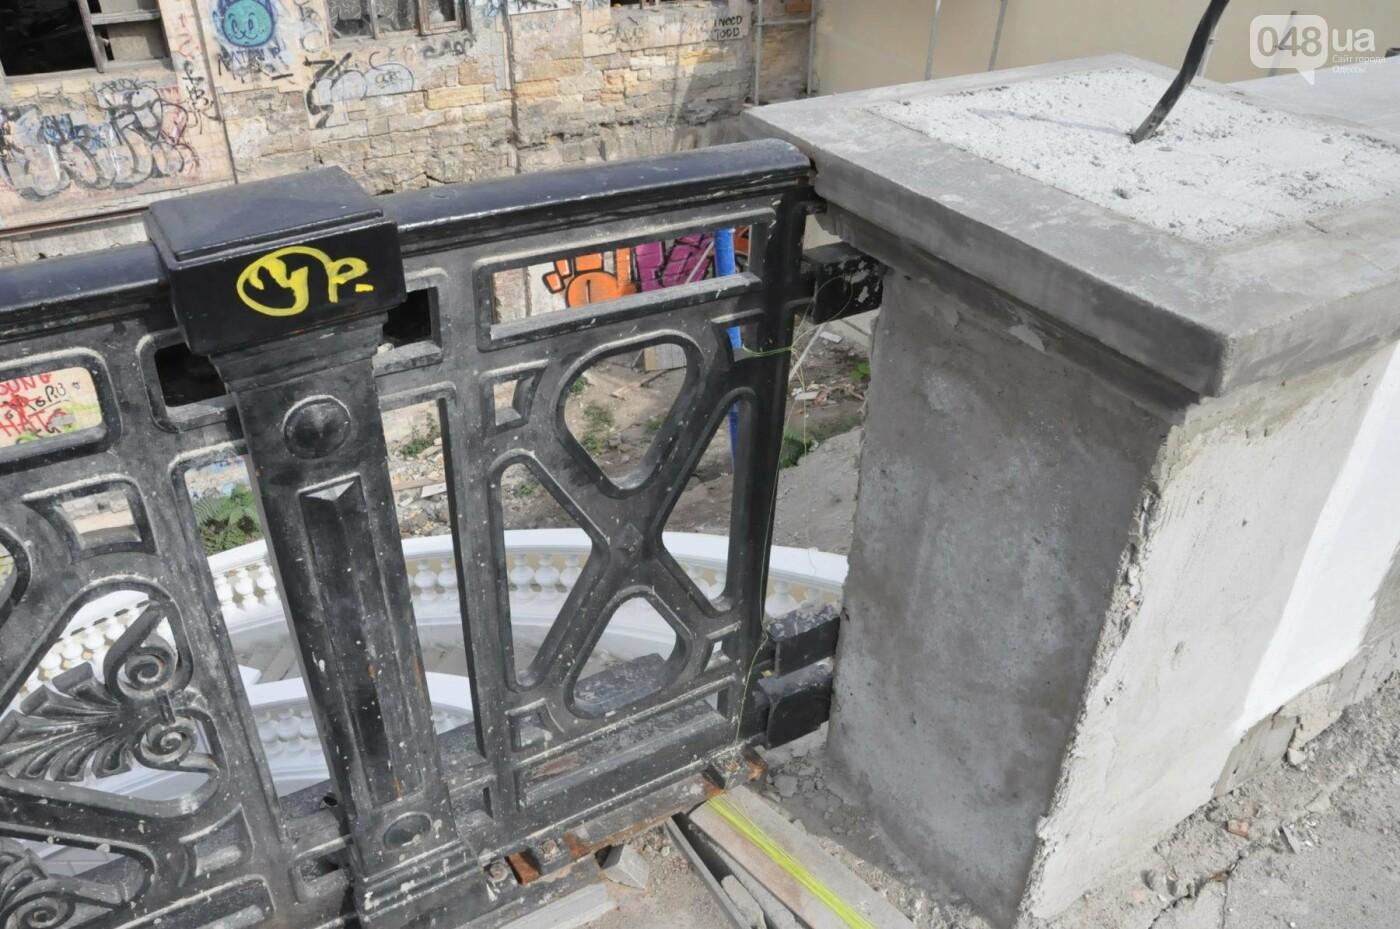 Одесский брат Эйфелевой башни ржав и, возможно, обворован при реставрации (ФОТО), фото-4